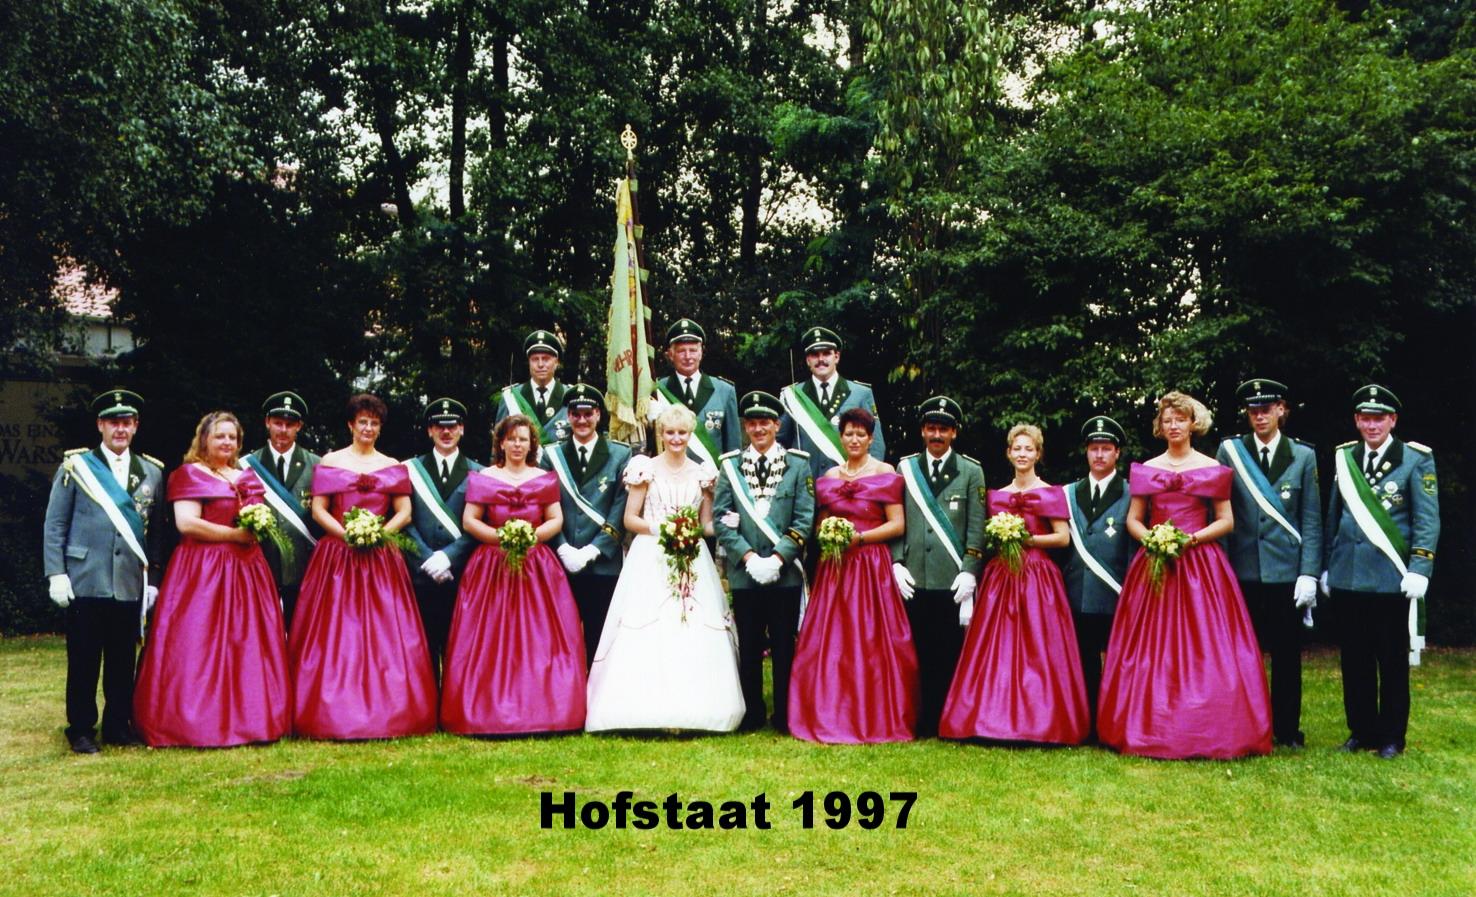 Hofstaat 1997 Niggemeier 20 Jahre